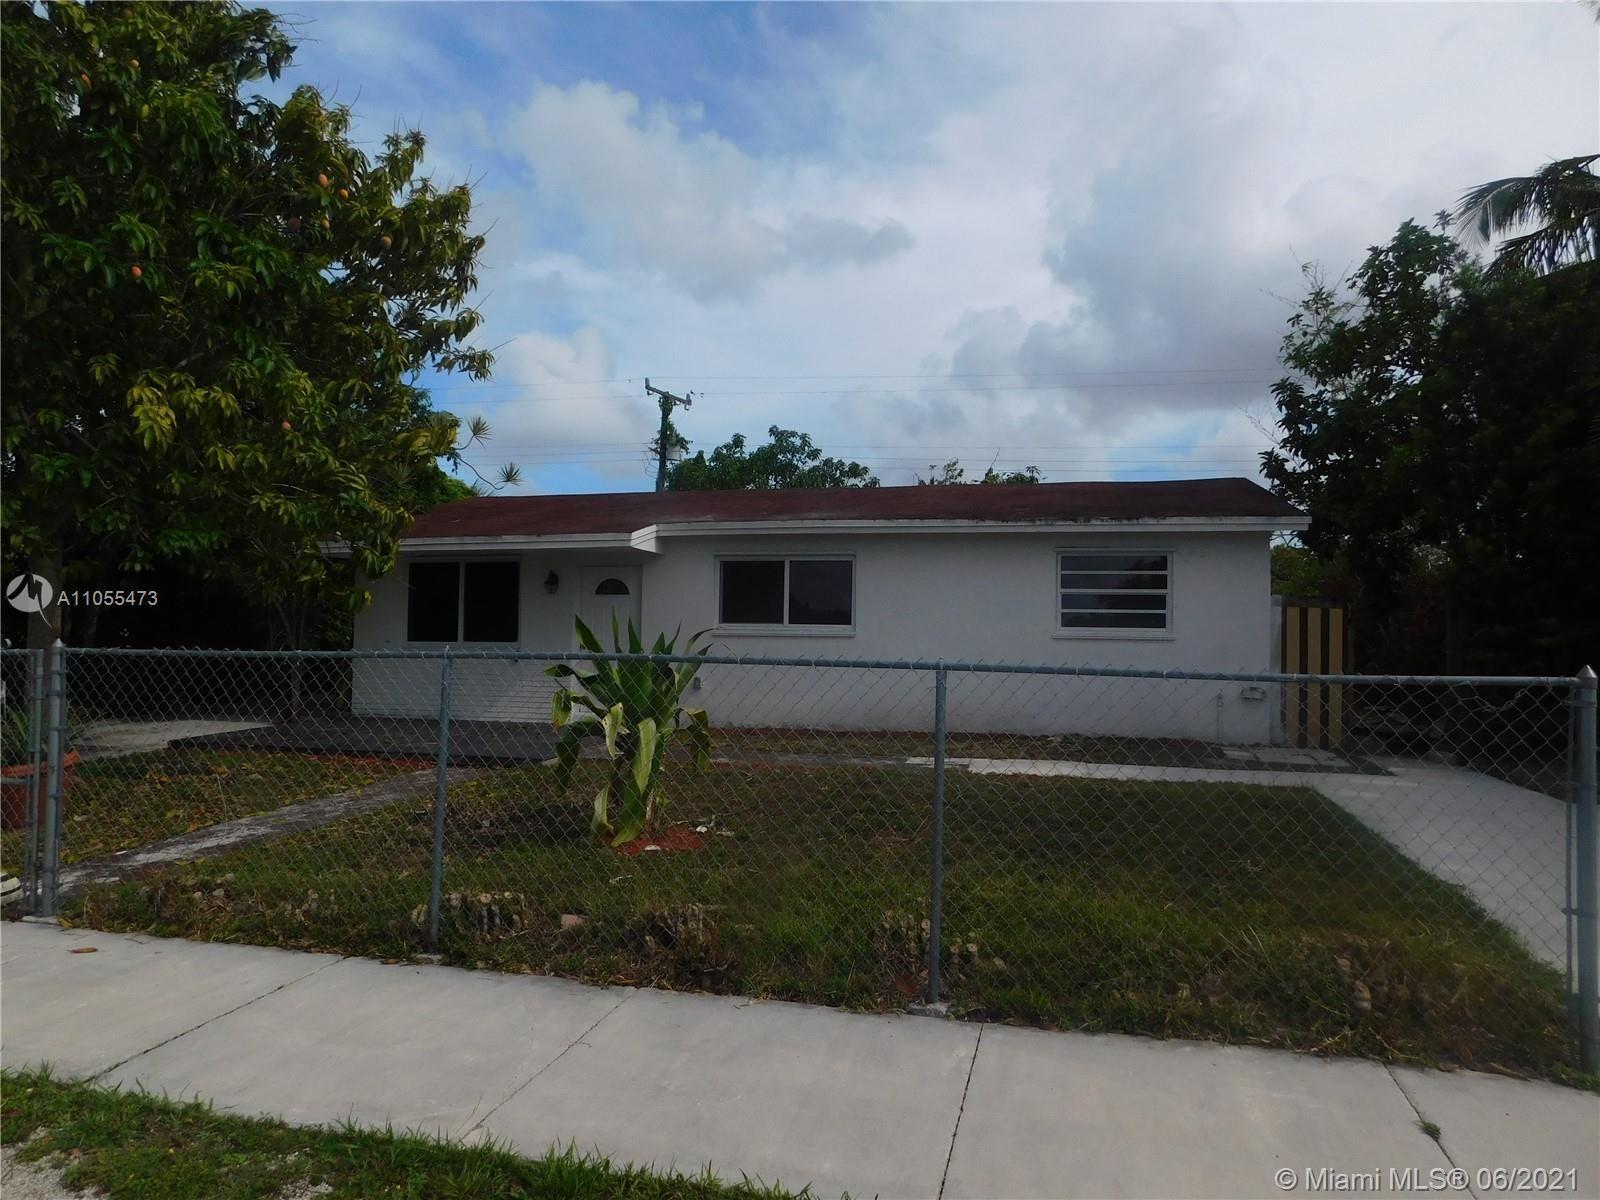 11450 SW 199th St, Miami, FL 33157 - #: A11055473